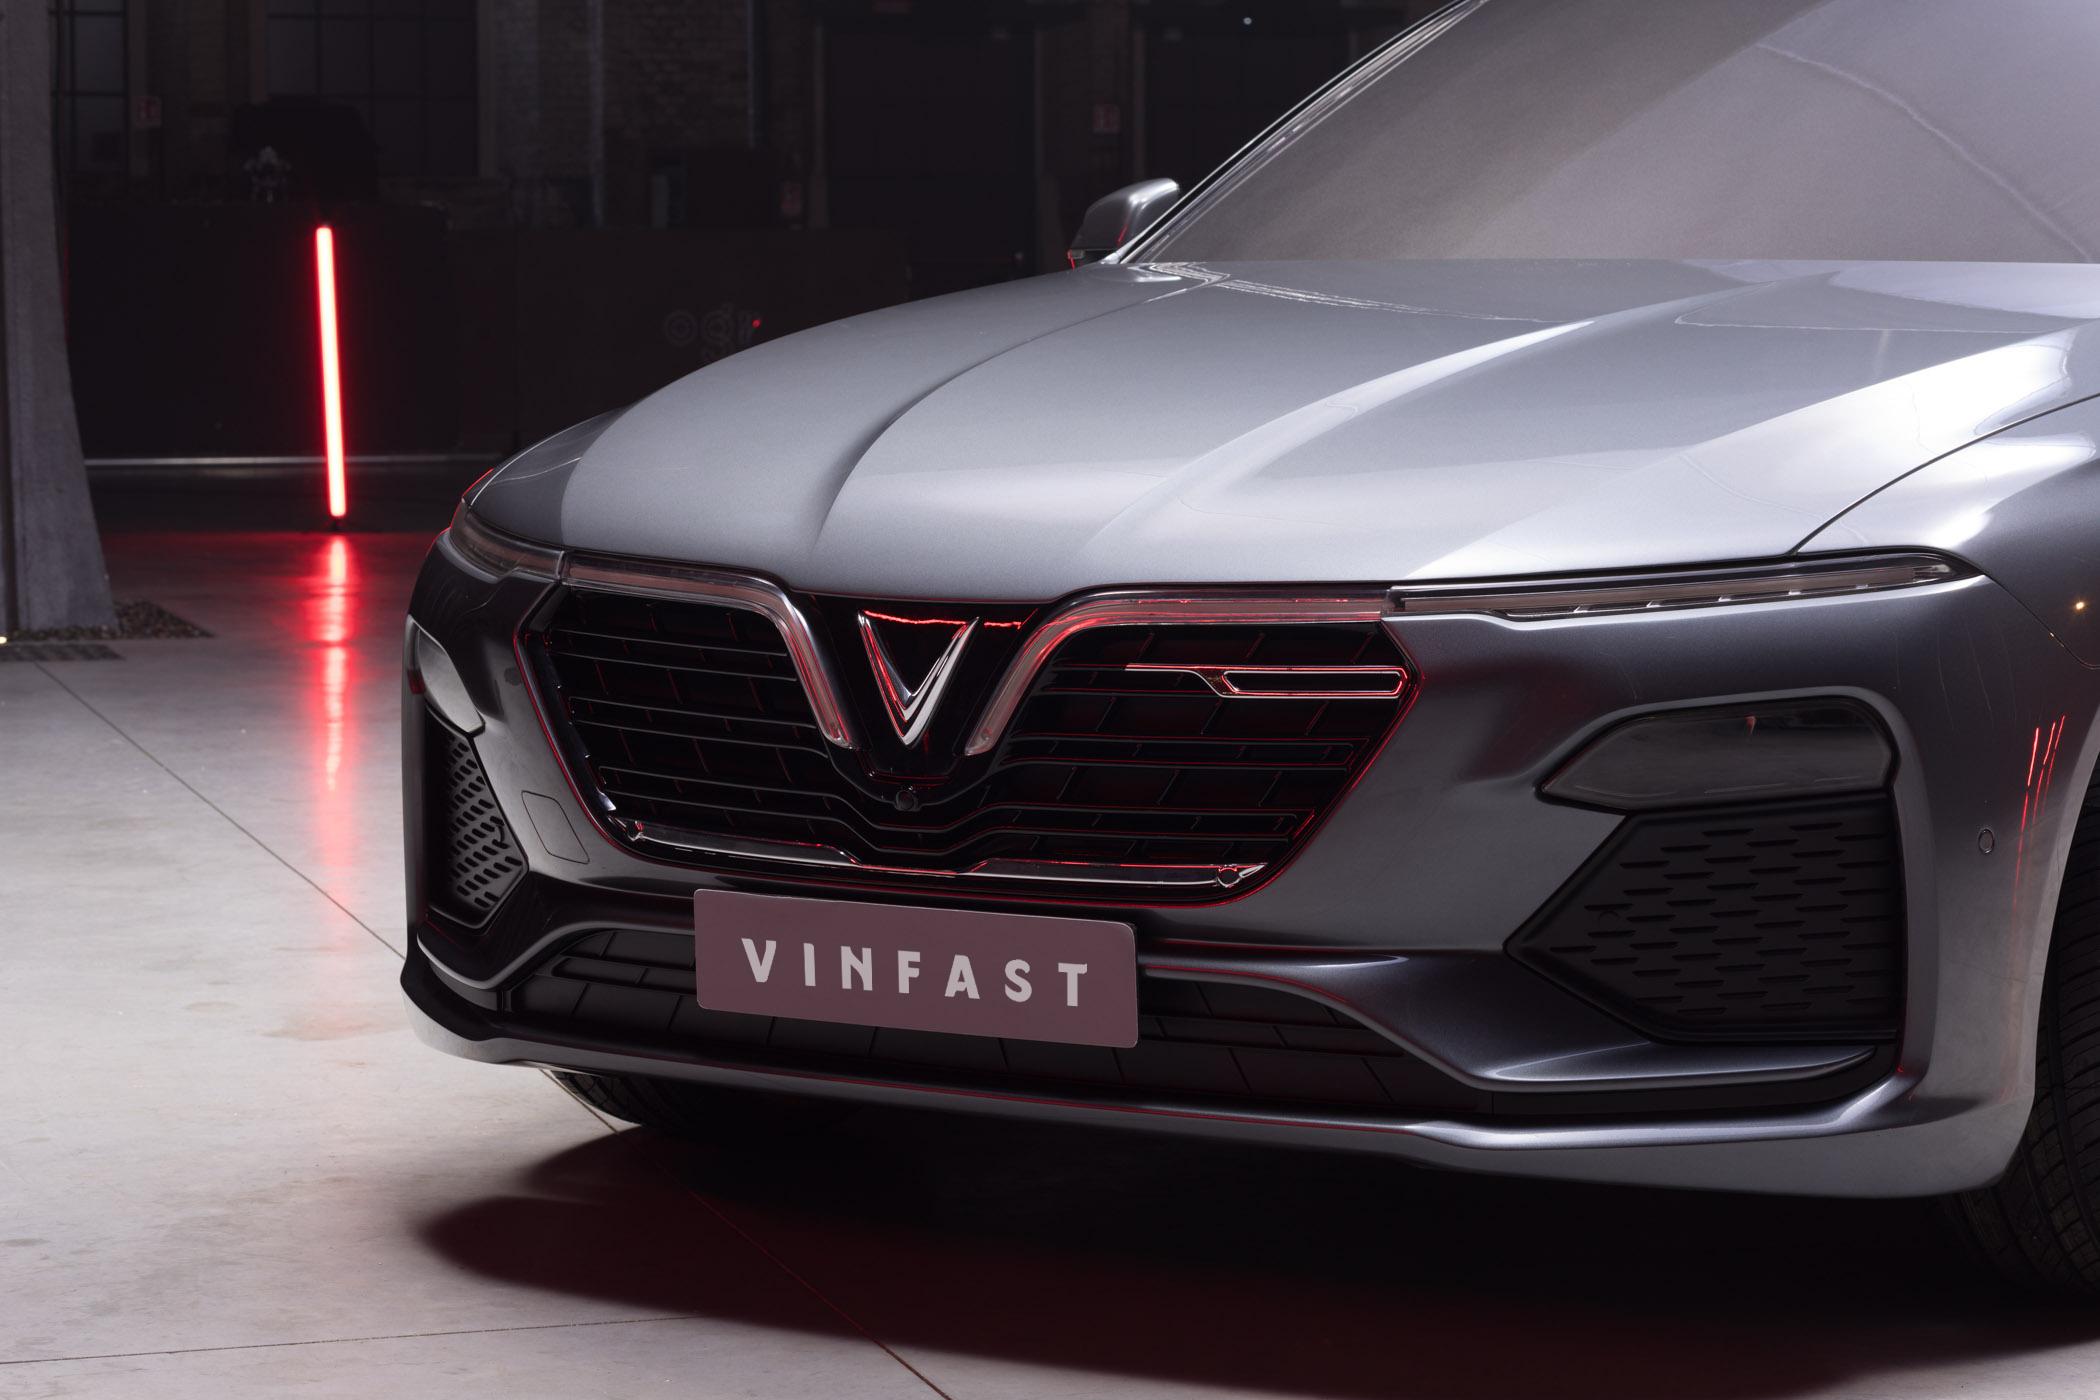 Vinfast - Tôn vinh vẻ đẹp kiêu hãnh và tràn đầy năng lượng 2